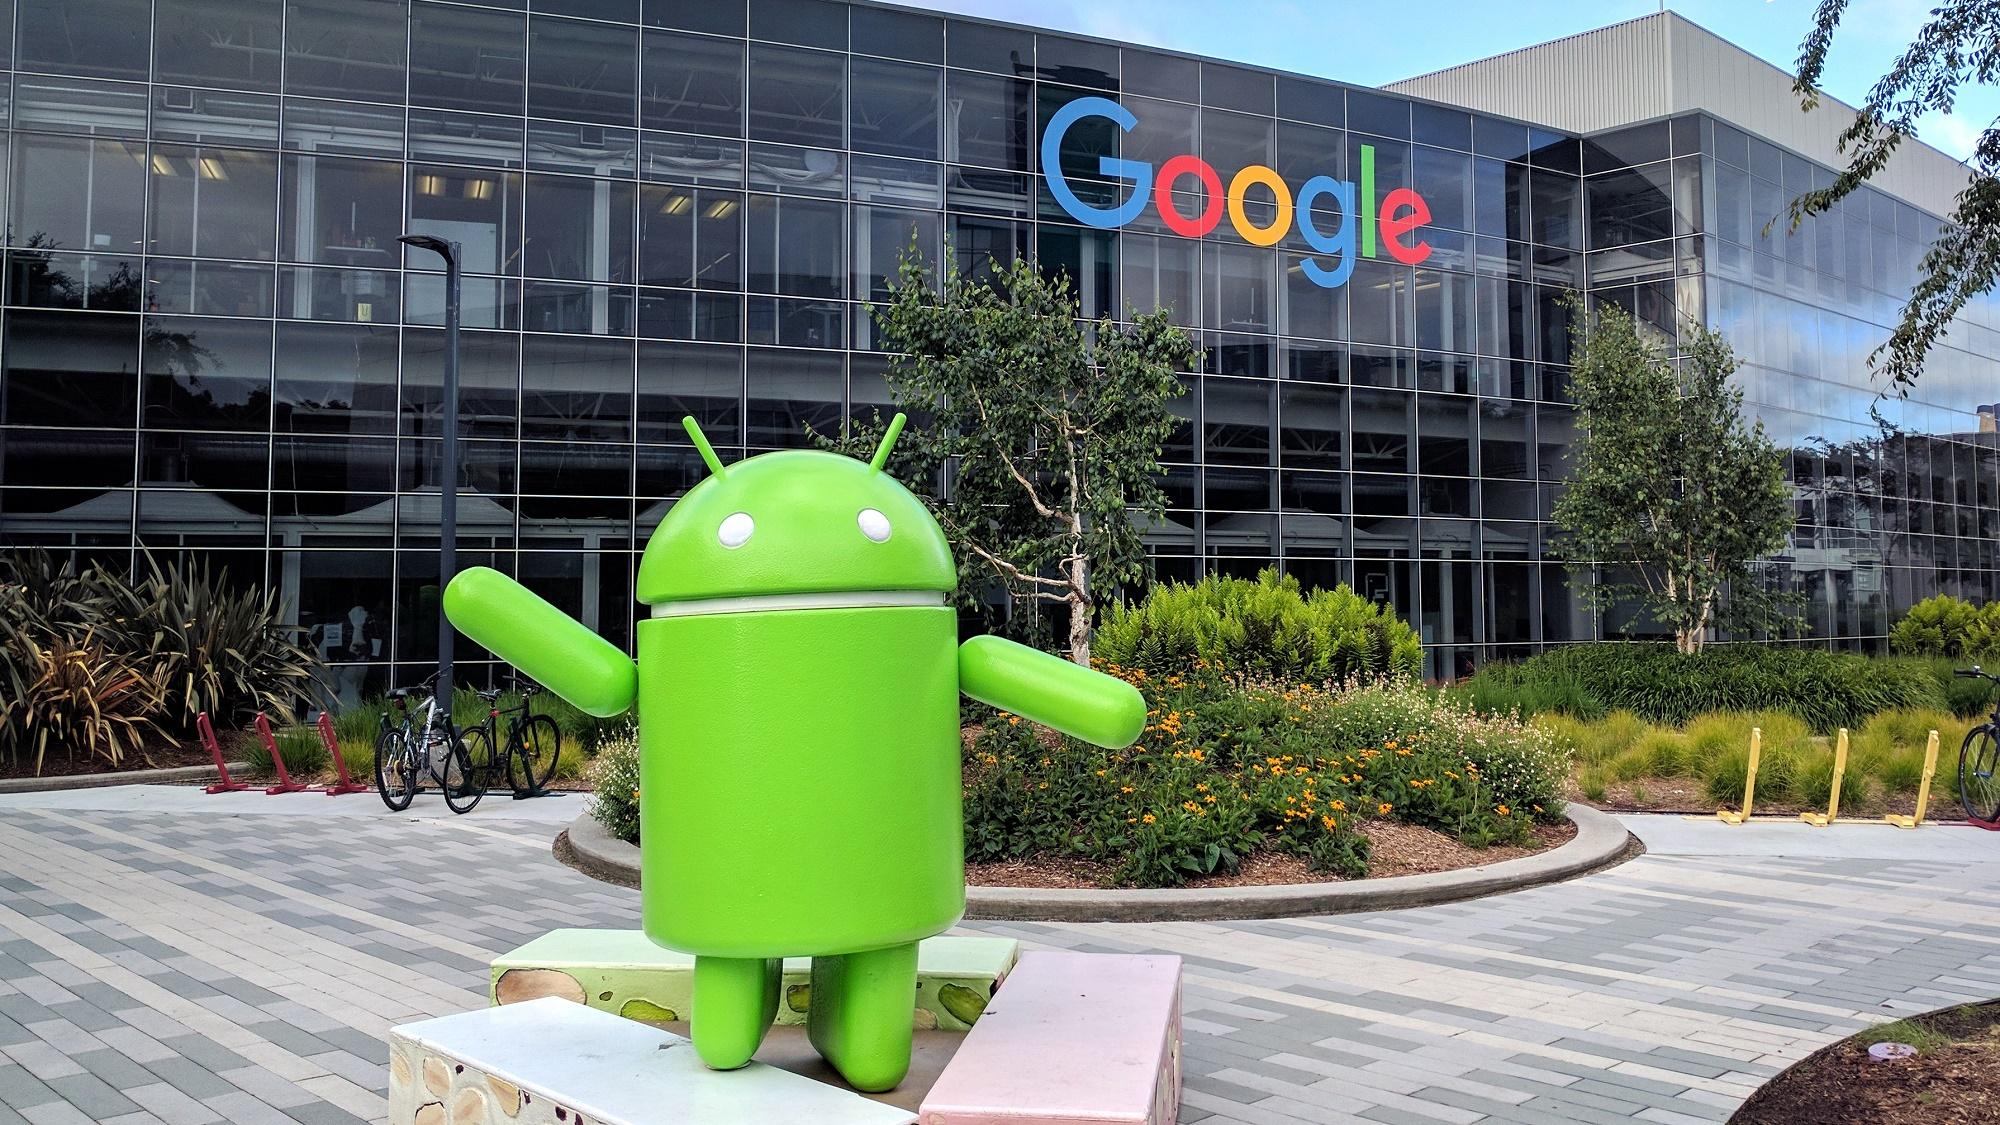 Nový seznam vyhledávačů na Androidu